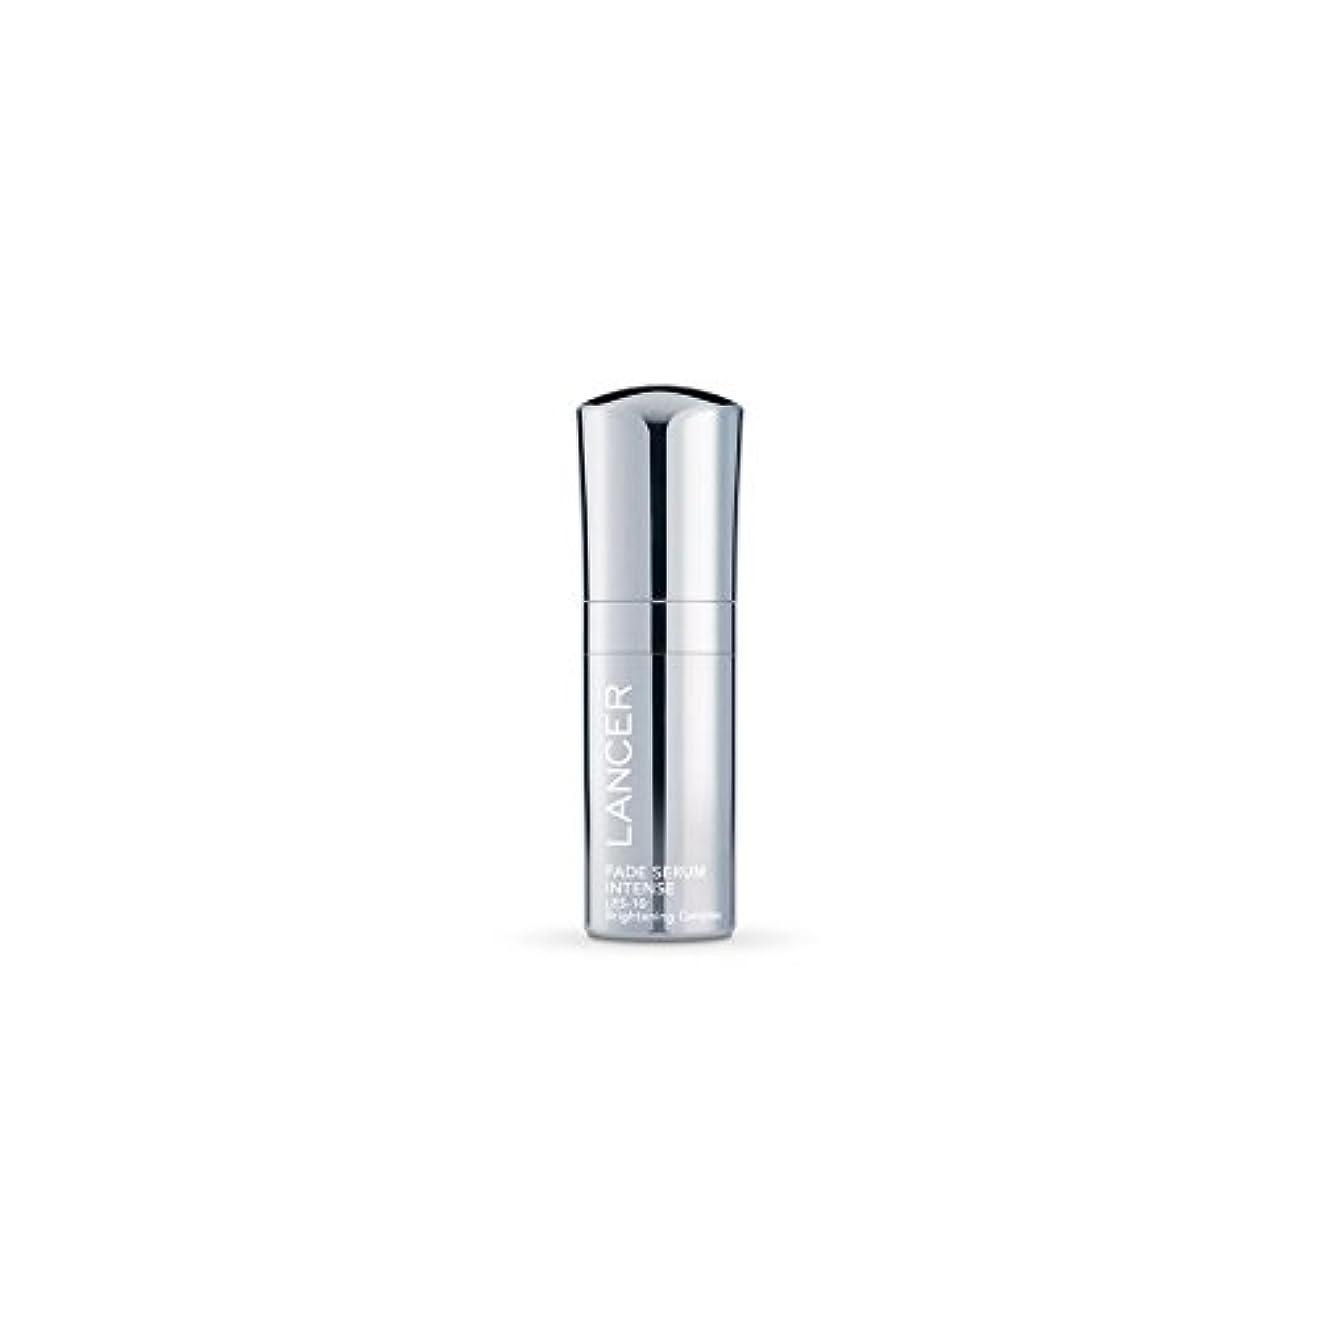 耐久夕食を作るポスト印象派Lancer Skincare Fade Serum Intense (30ml) - 強烈ランサースキンケアフェード血清(30ミリリットル) [並行輸入品]